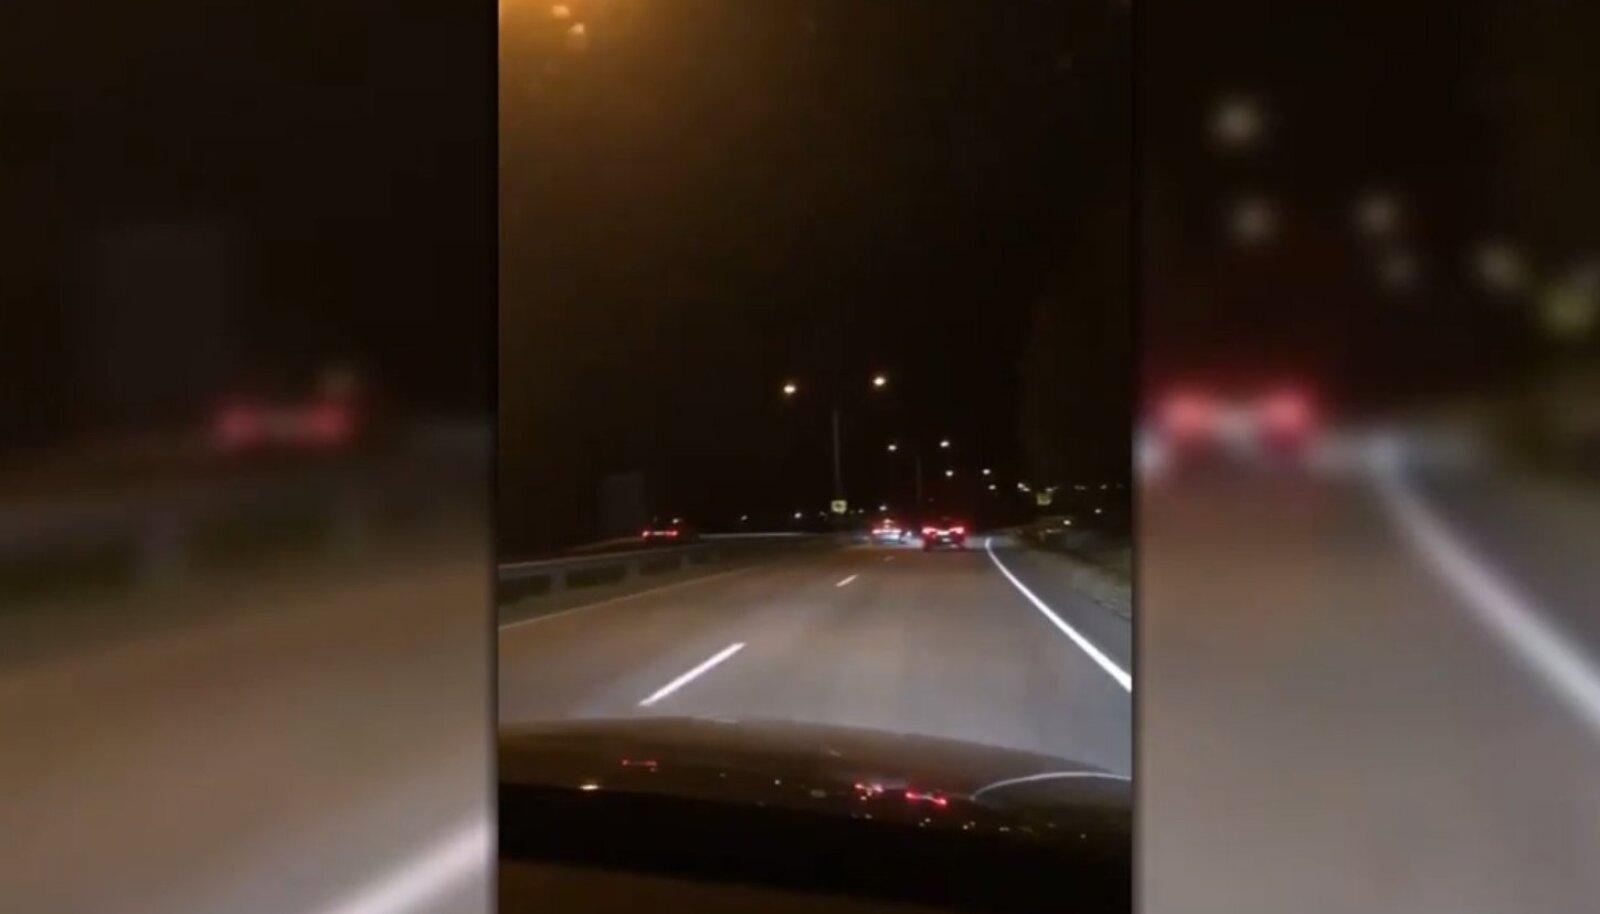 Kaader kaasliikleja pardakaamera videost: vasakpoolsed tagatuled kuuluvad vastassuunavööndis sõitnud eestlase BMW-le